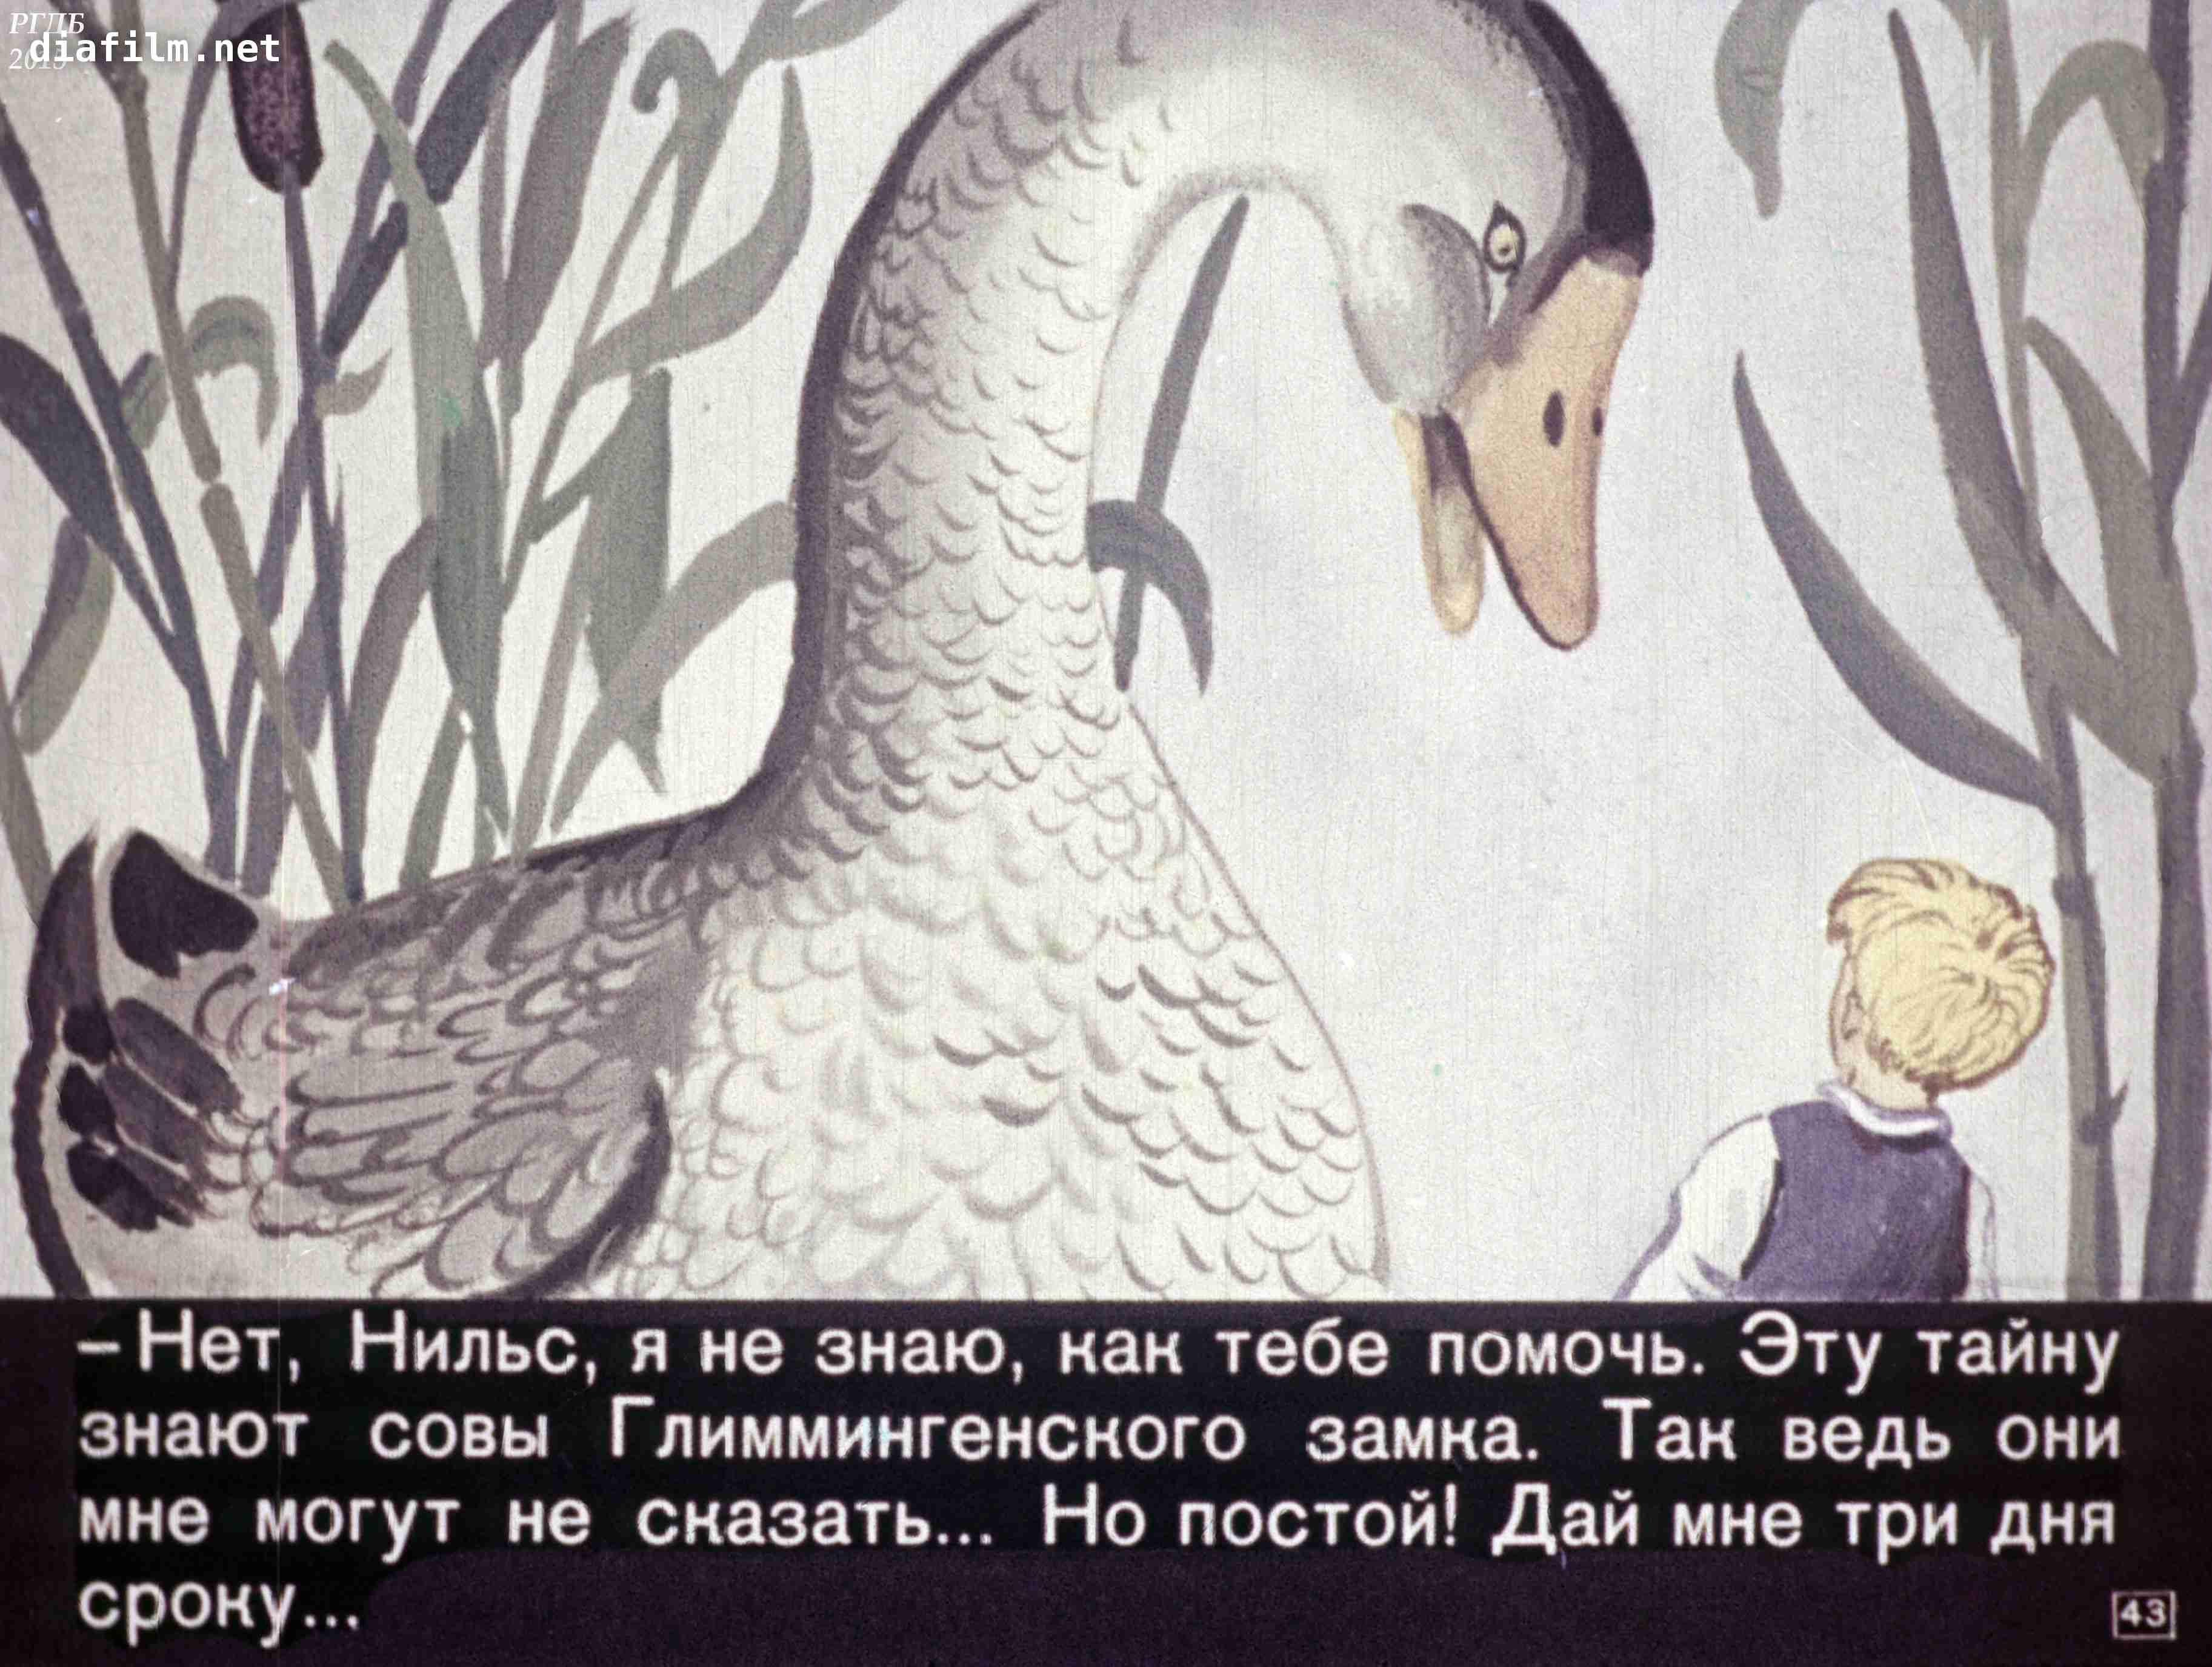 раскраска нильса из сказки чудесное путешествие нильса с дикими гусями плюсы минусы имеют